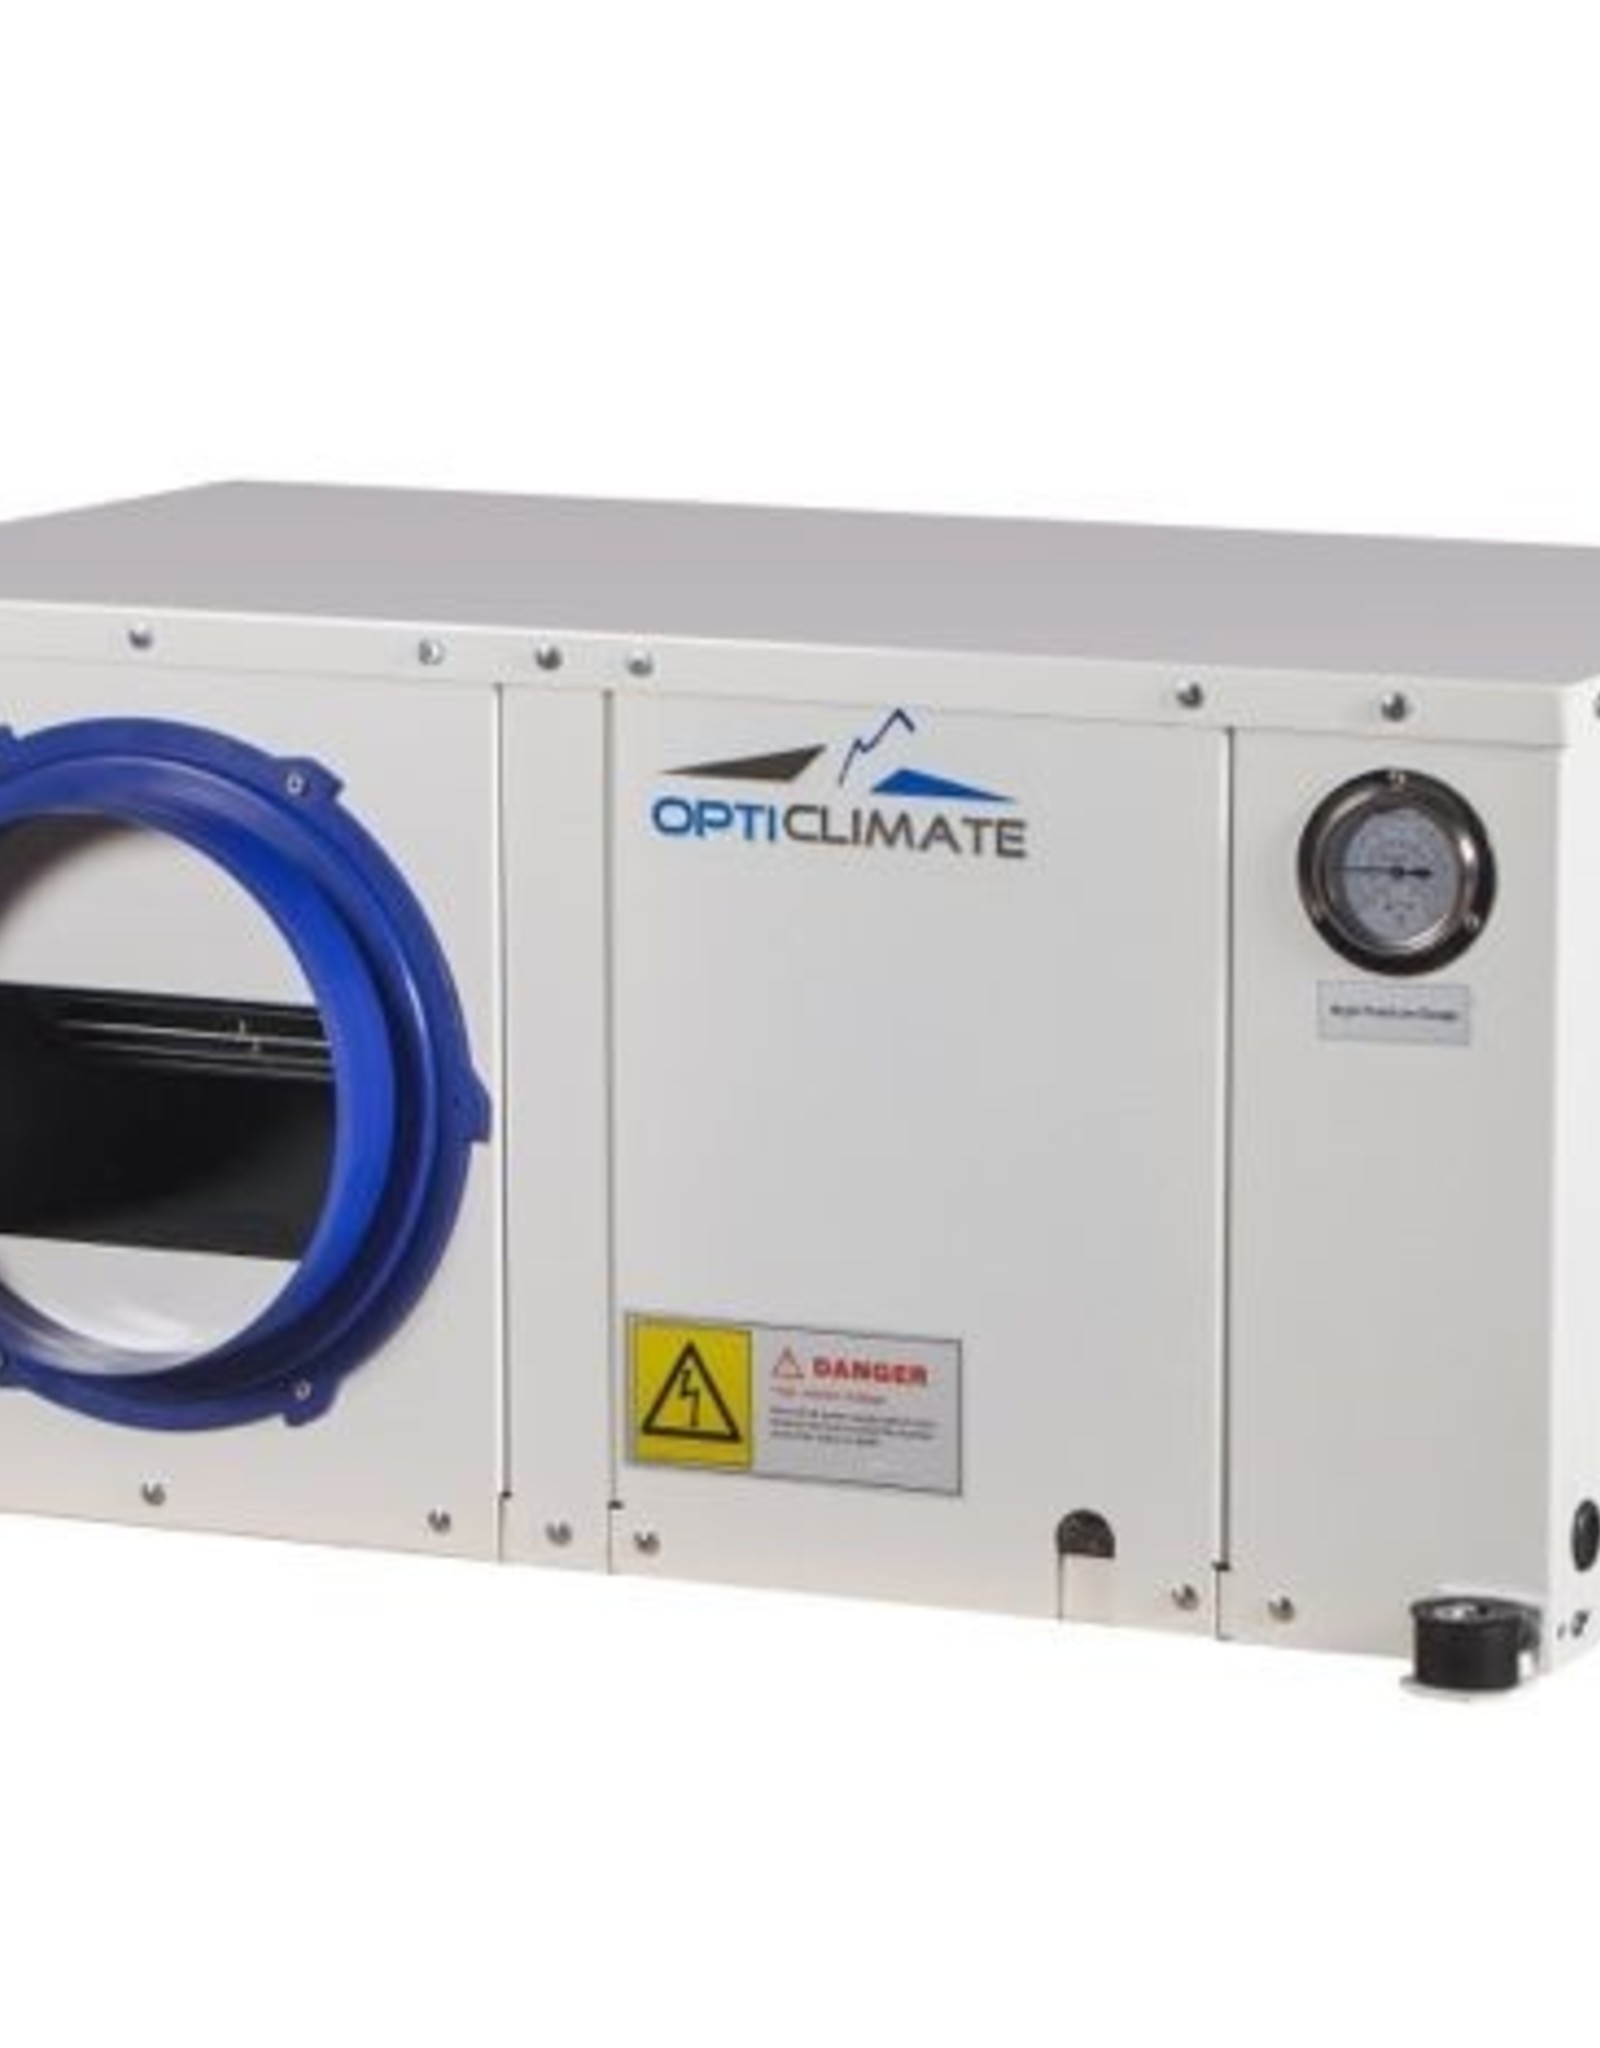 OptiClimate 6000 PRO3